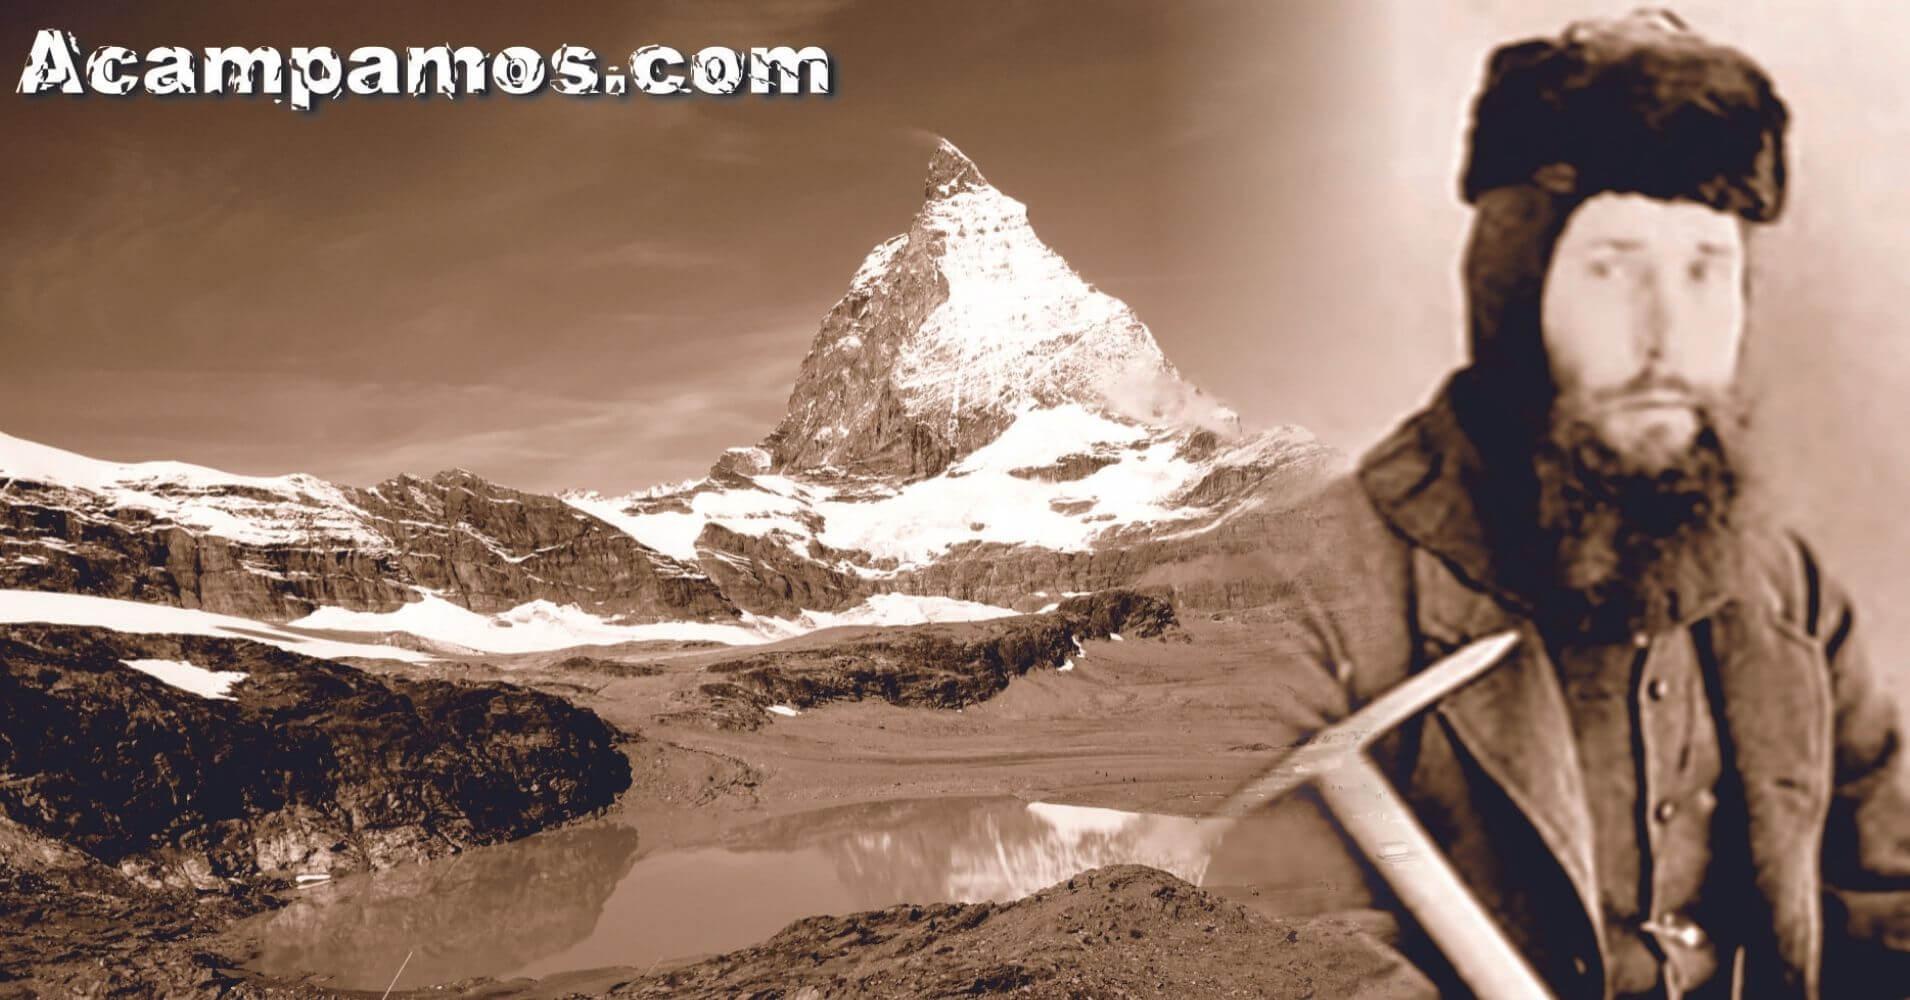 Escalador del Club Alpino Británico.  Pico Matterhorn. Zermatt, Suiza.